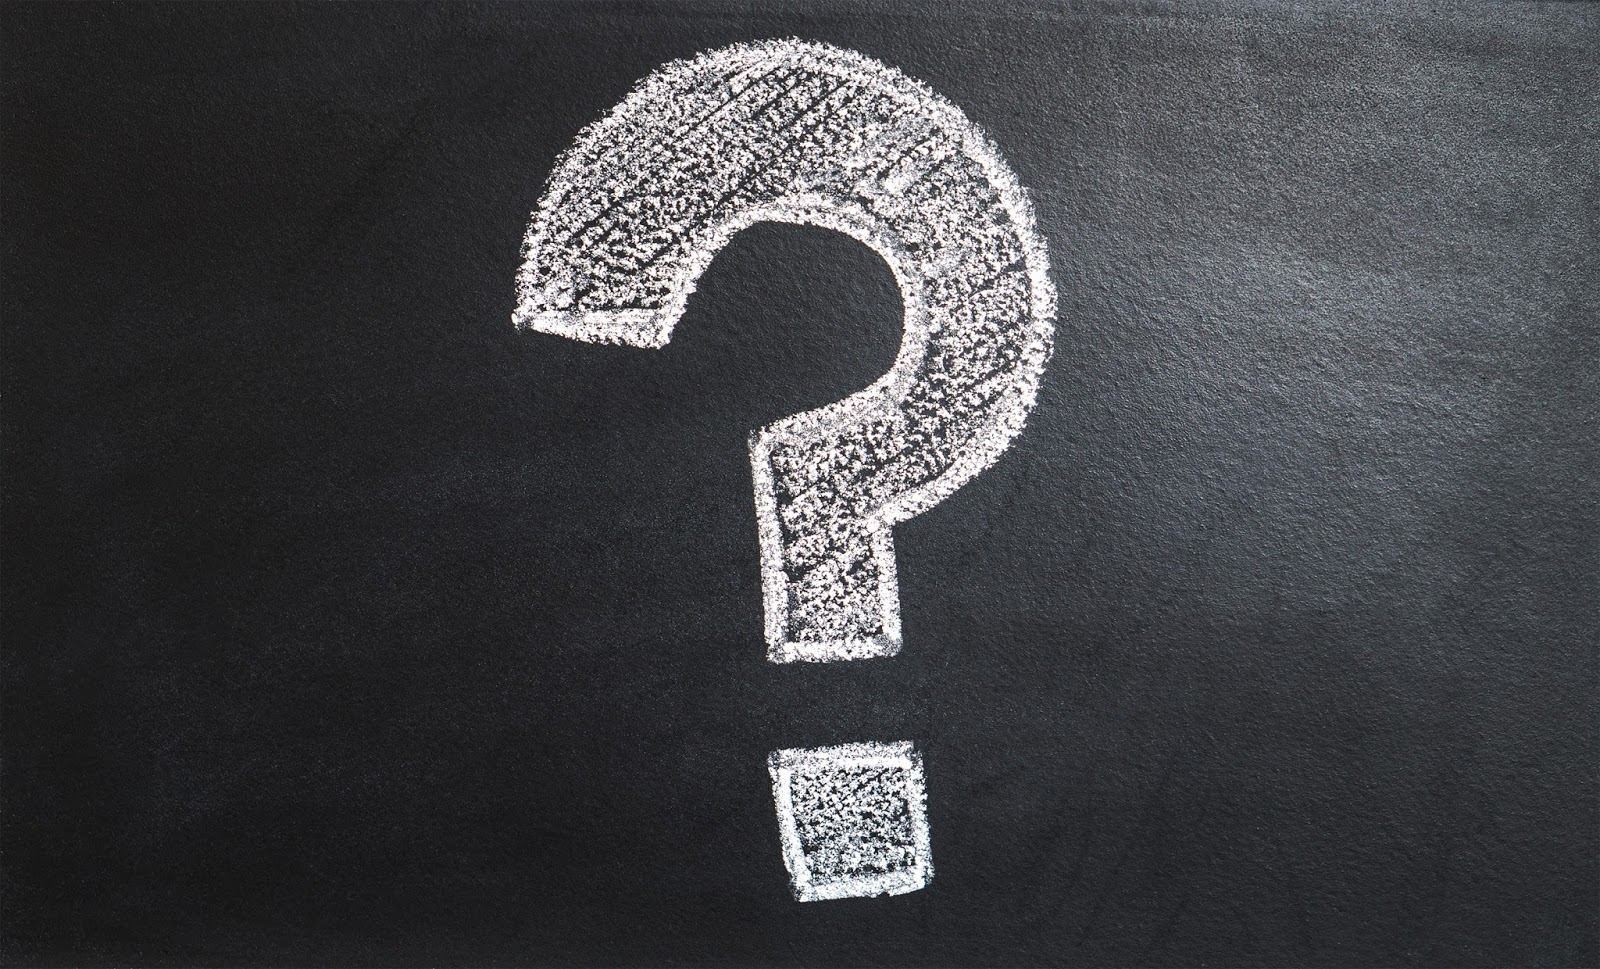 A big question mark